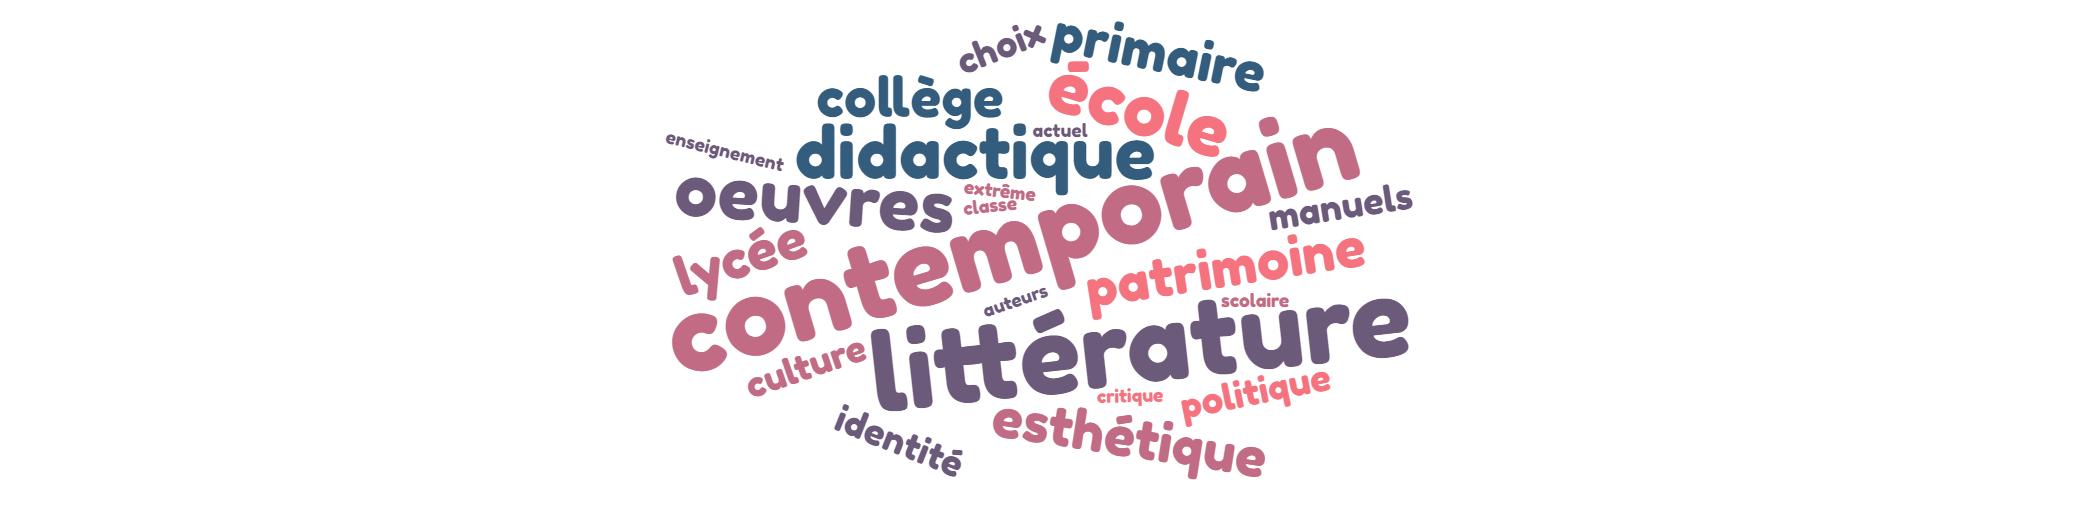 Ce que l'école fait à/de la littérature contemporaine